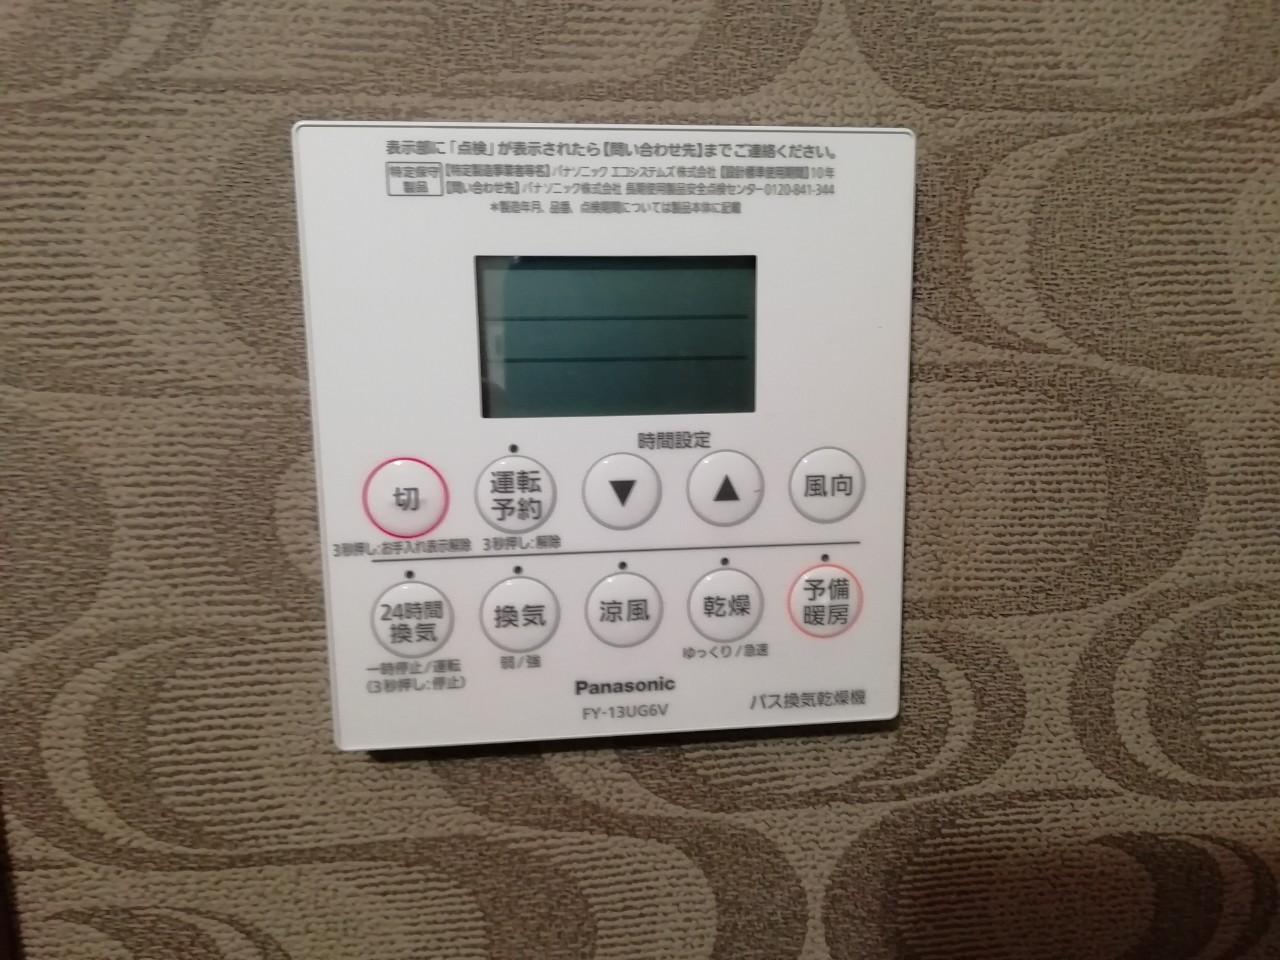 浴室暖房乾燥機の交換工事|パナソニック FY-13UG6V|京都市北区